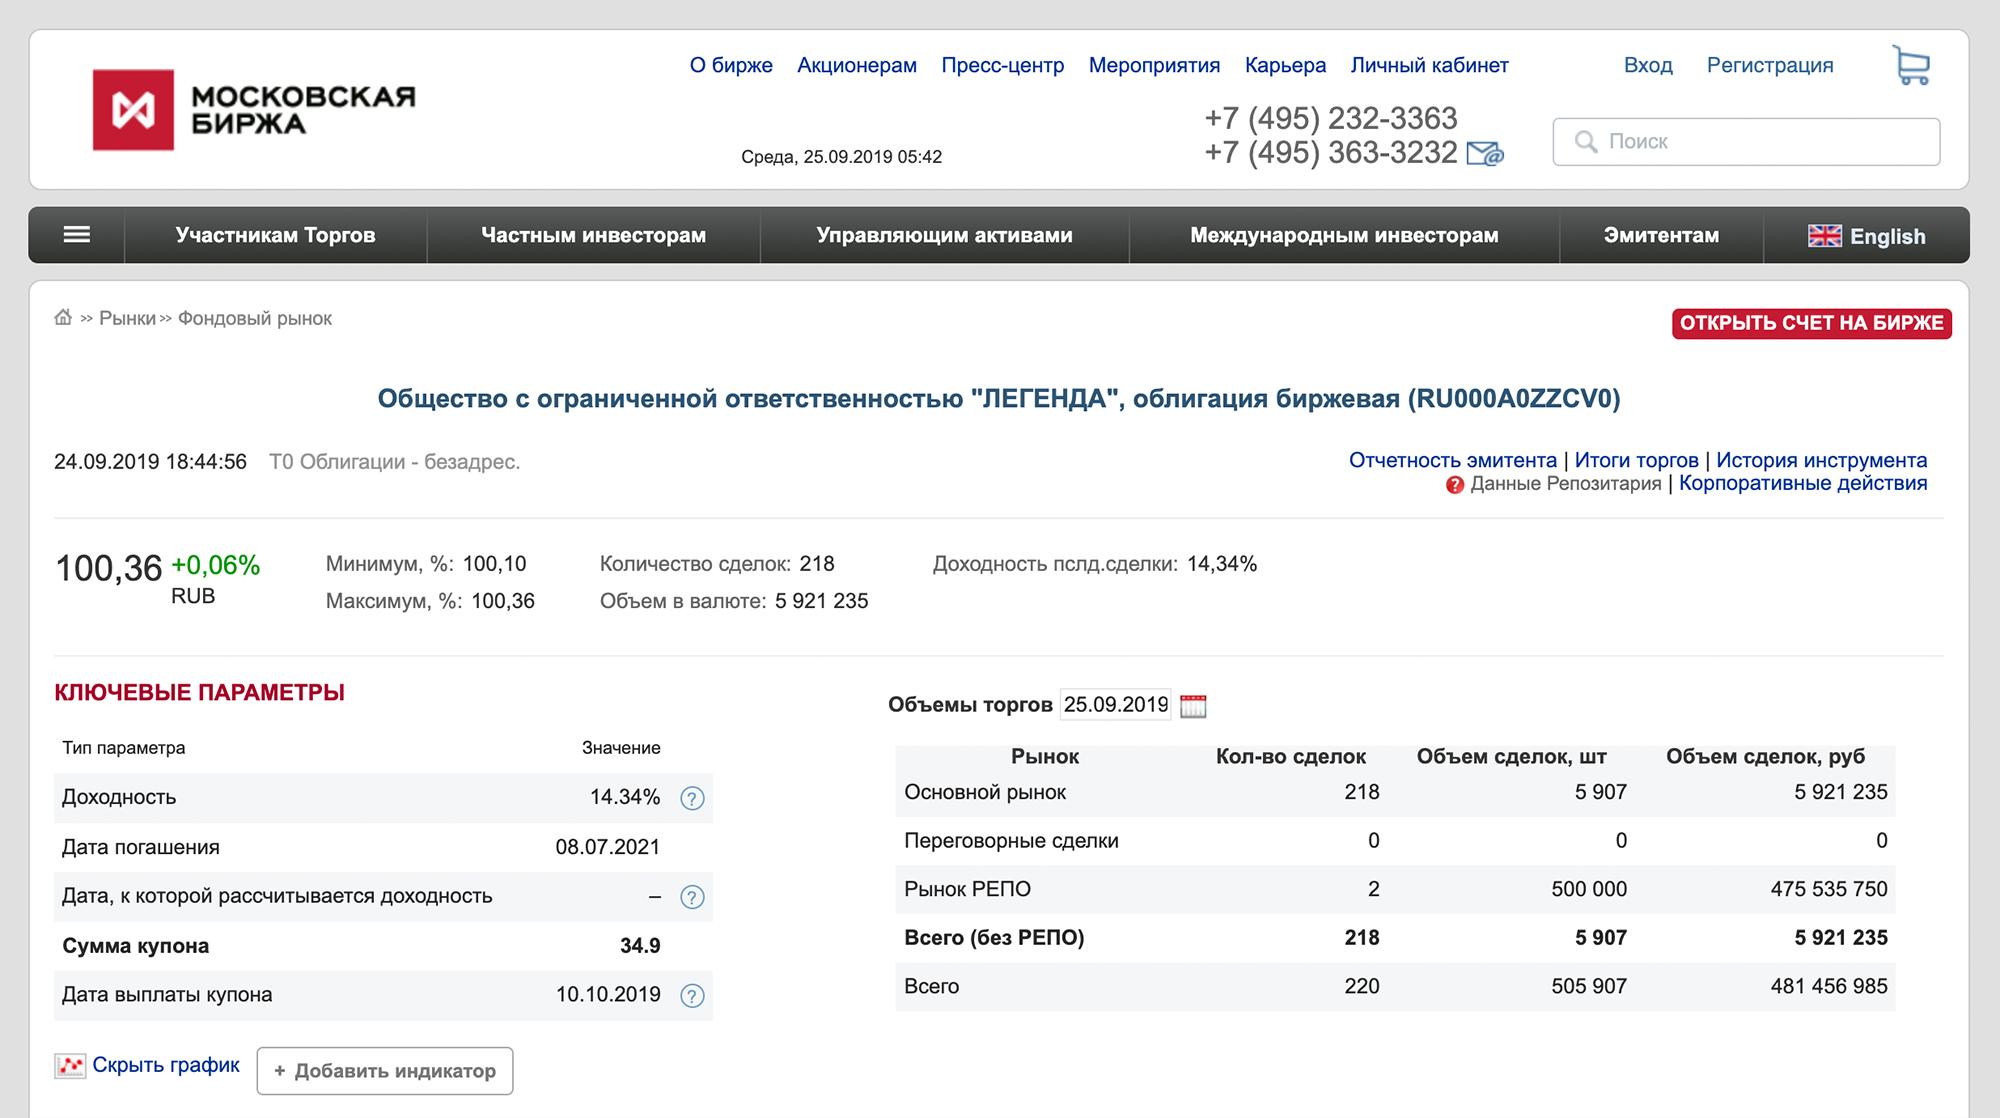 Параметры облигации «Легенда 1P1» на сайте Московской биржи